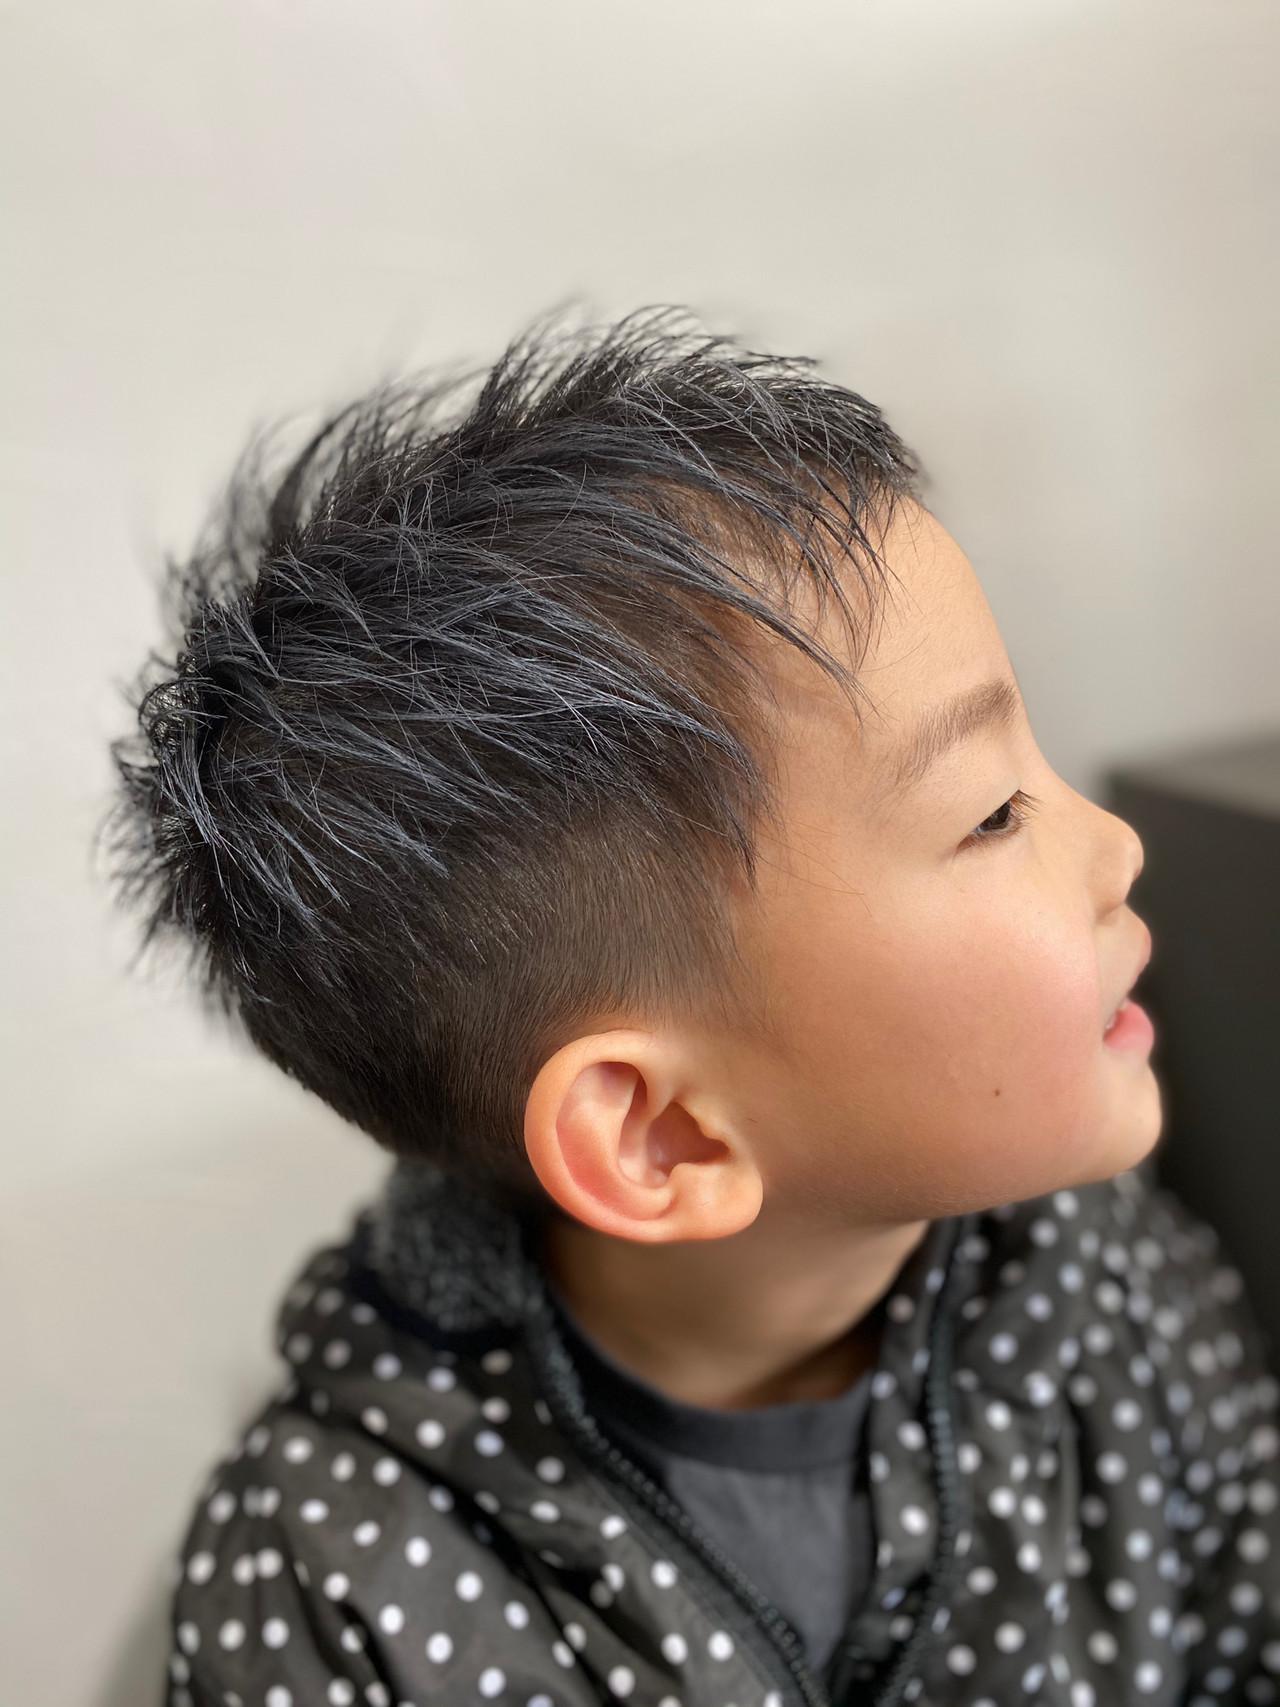 ナチュラル かりあげ ツーブロック ベリーショート ヘアスタイルや髪型の写真・画像 | エイ / aime